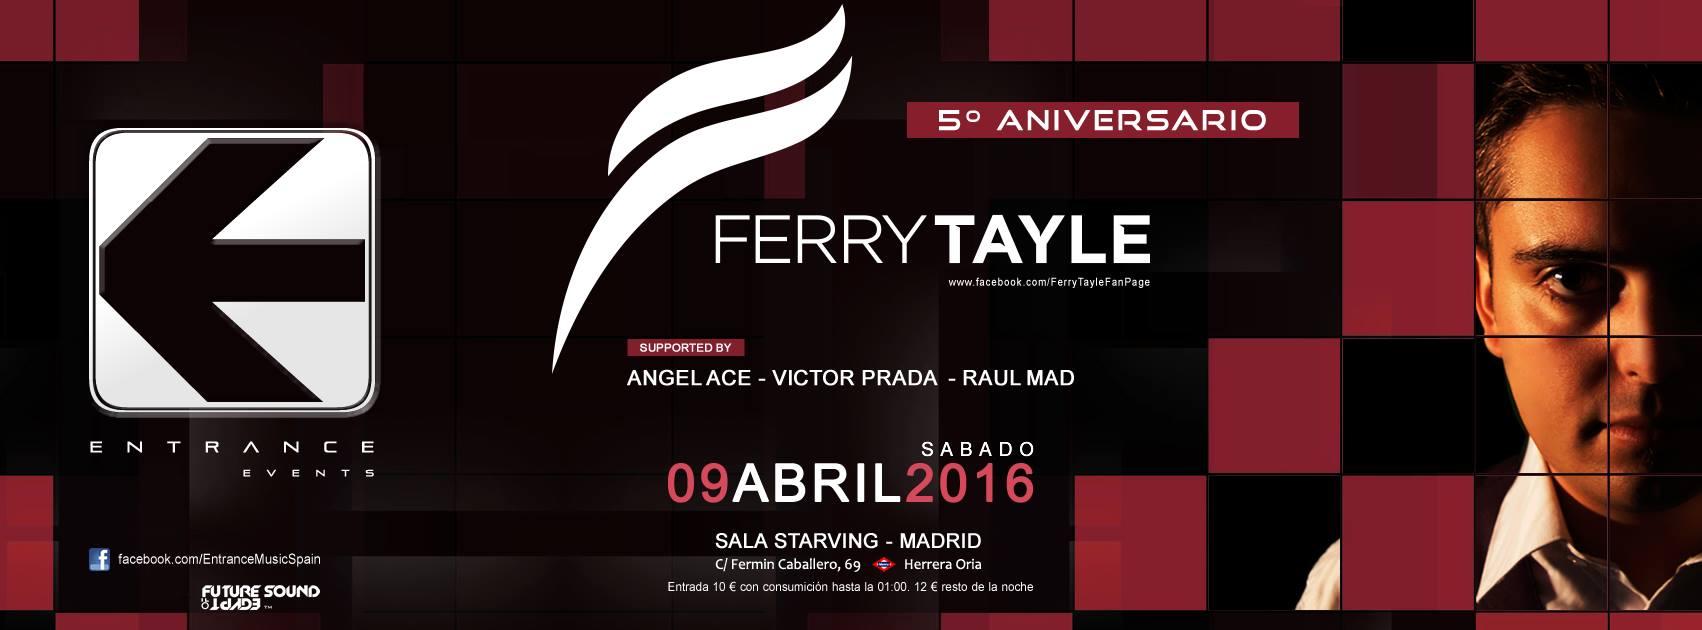 Entrance celebra su quinto aniversario con Ferry Tayle en Madrid